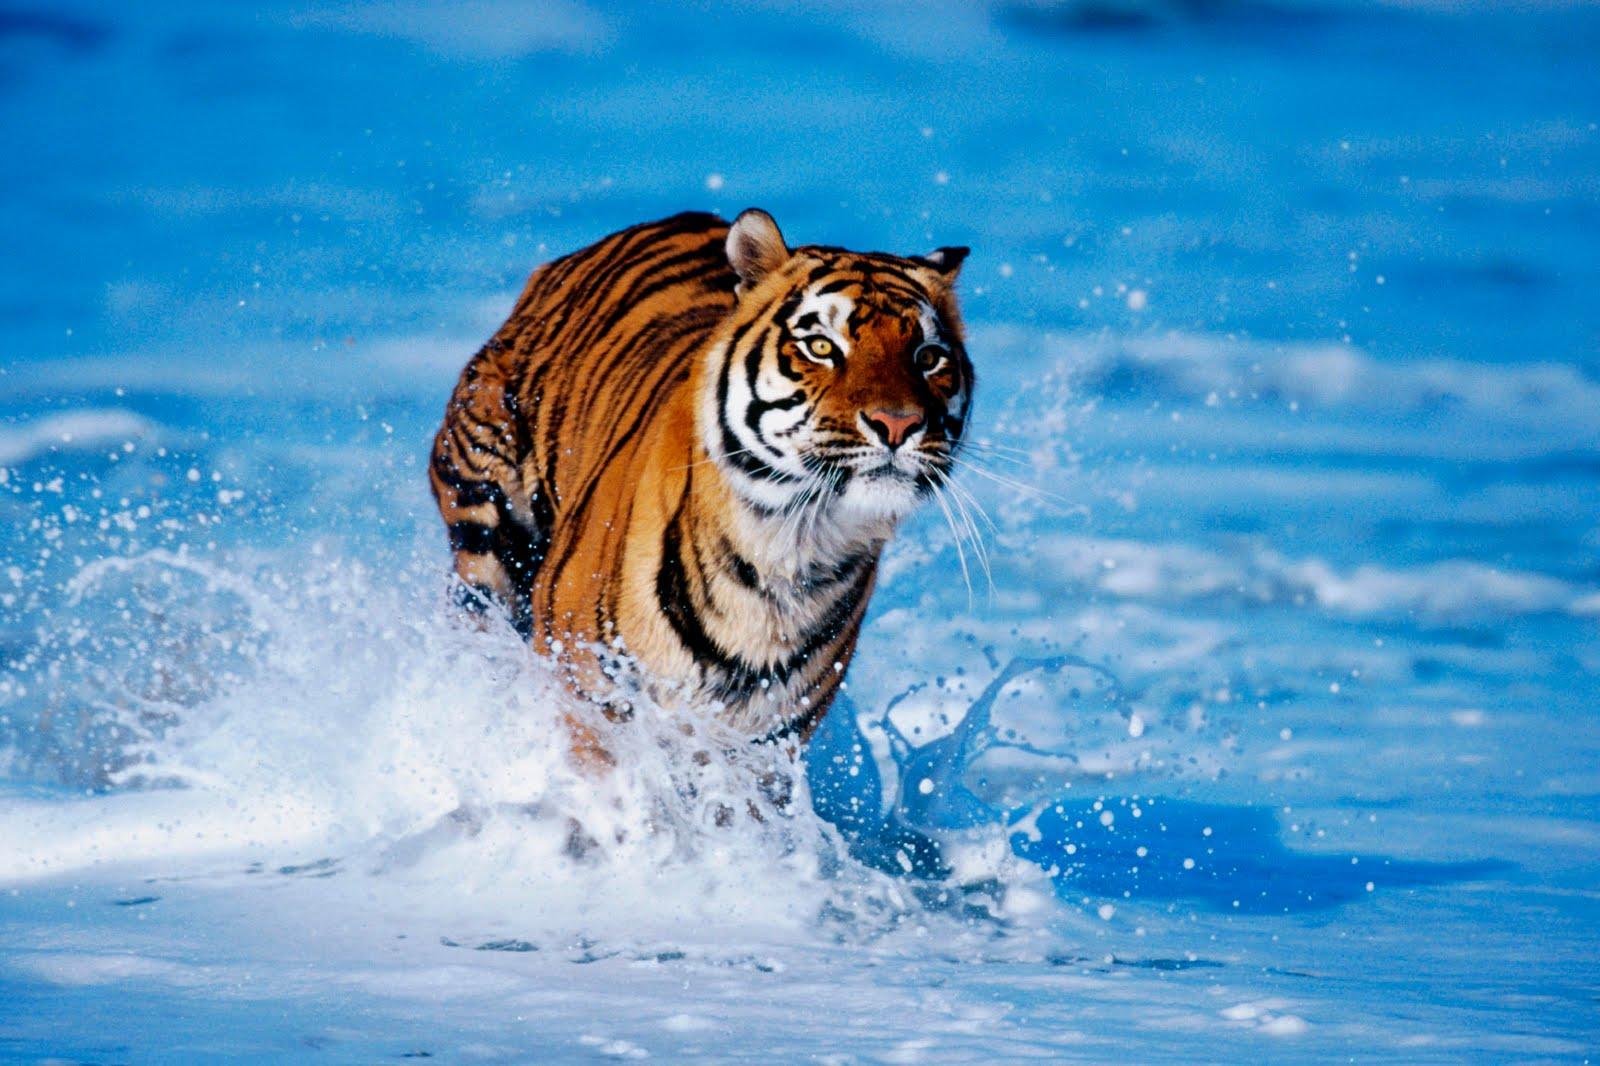 https://2.bp.blogspot.com/_6Ks7mquN8BQ/TMfuyPD0L8I/AAAAAAAAATk/pCpqsfv8pxc/s1600/bengal_tiger.jpg